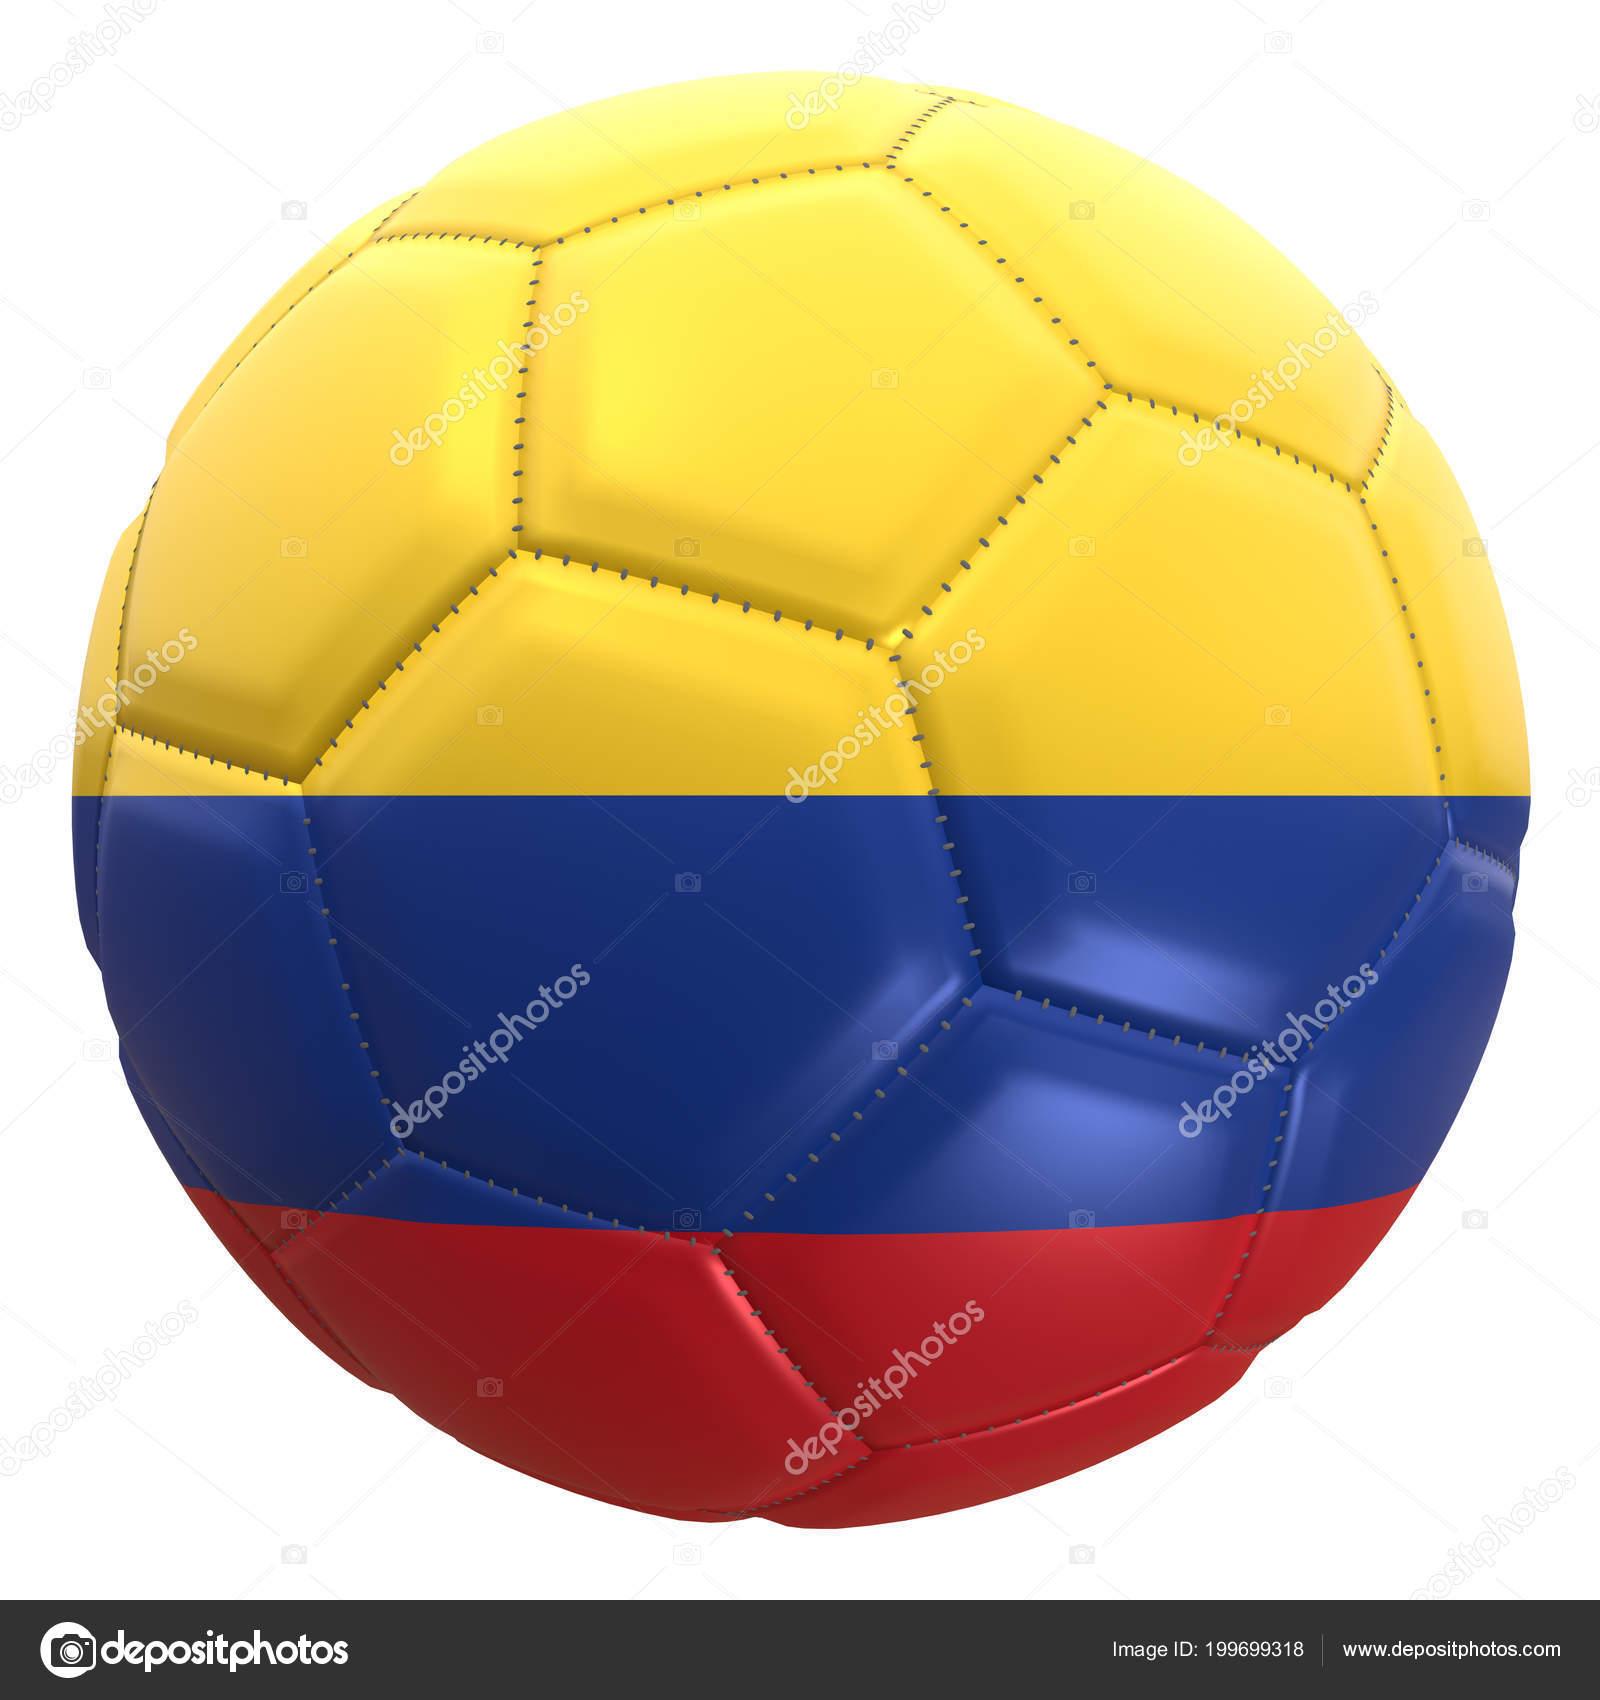 Dessin en 32D d'un drapeau colombien sur un ballon de football. La Colombie  est l'une des équipes du championnat du monde de Coupe du monde en Russie  ...